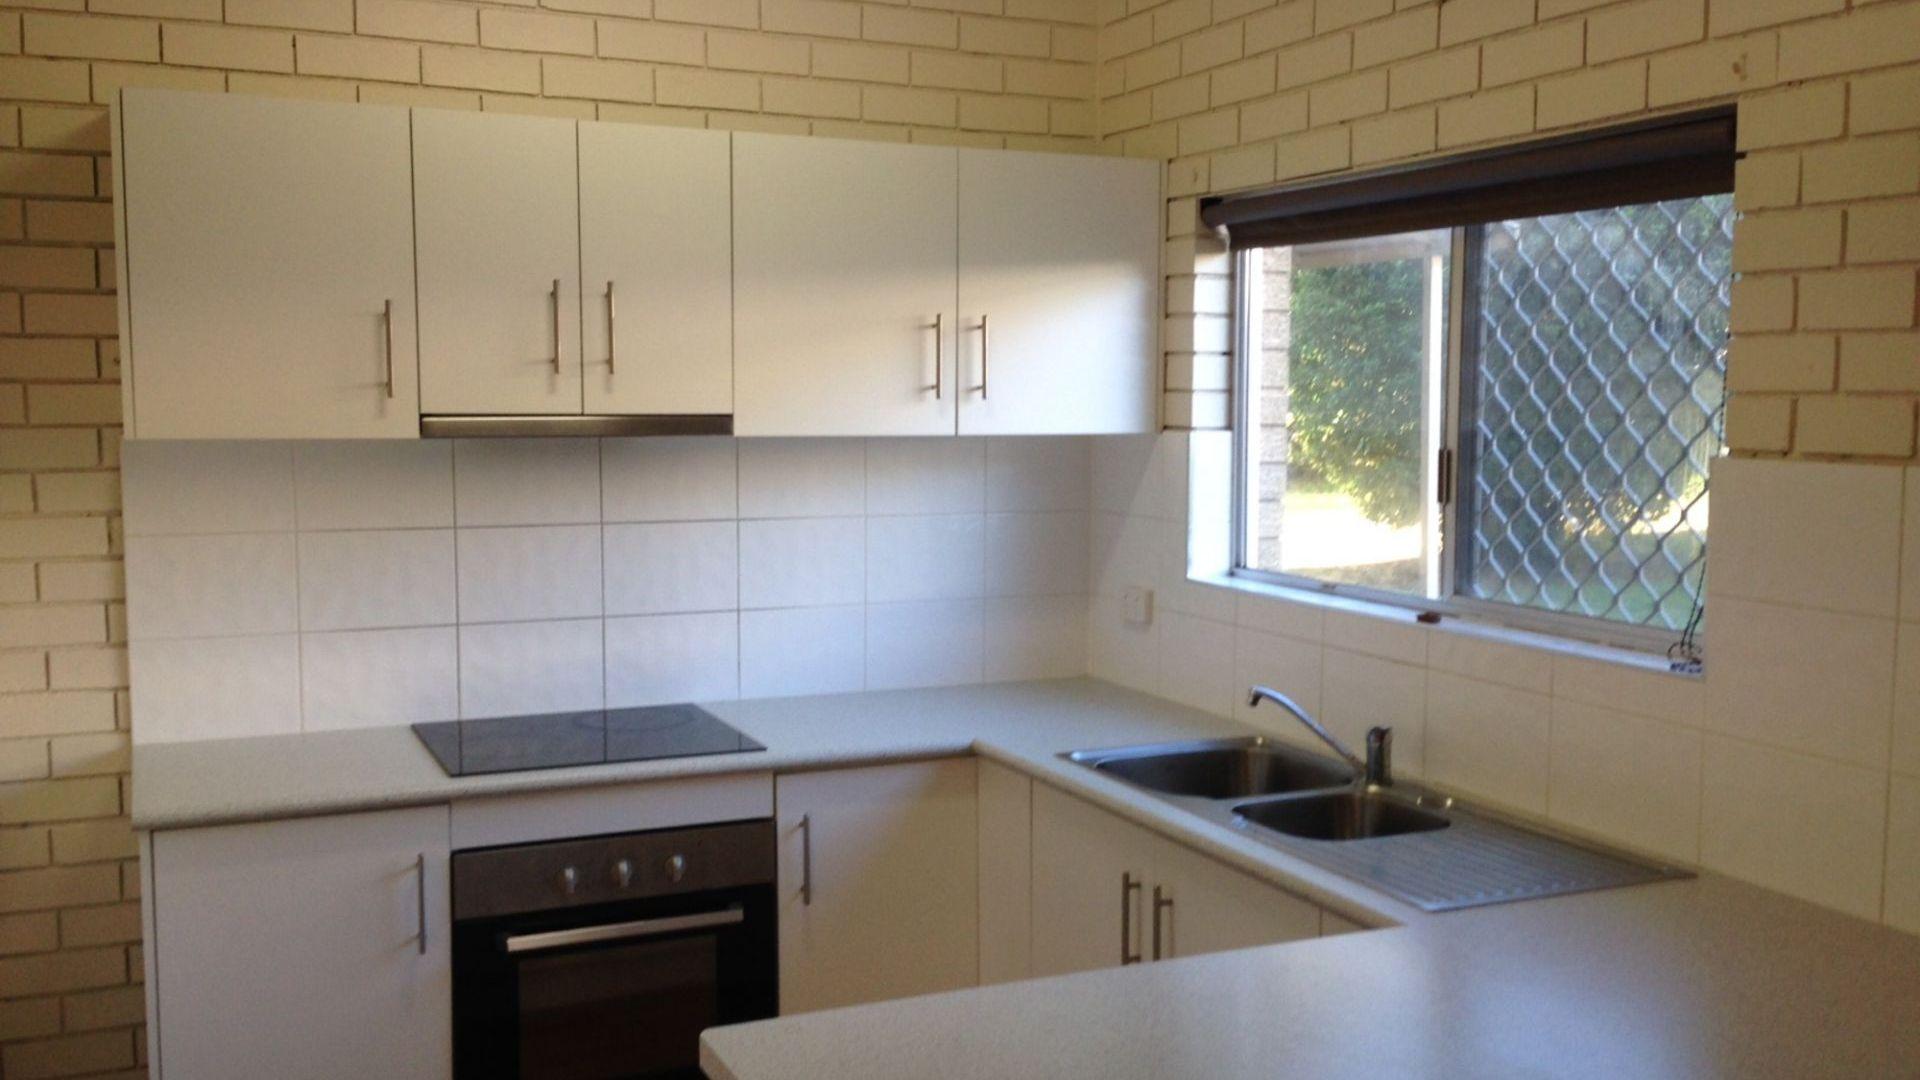 2/128 Curzon St, Rangeville QLD 4350, Image 1